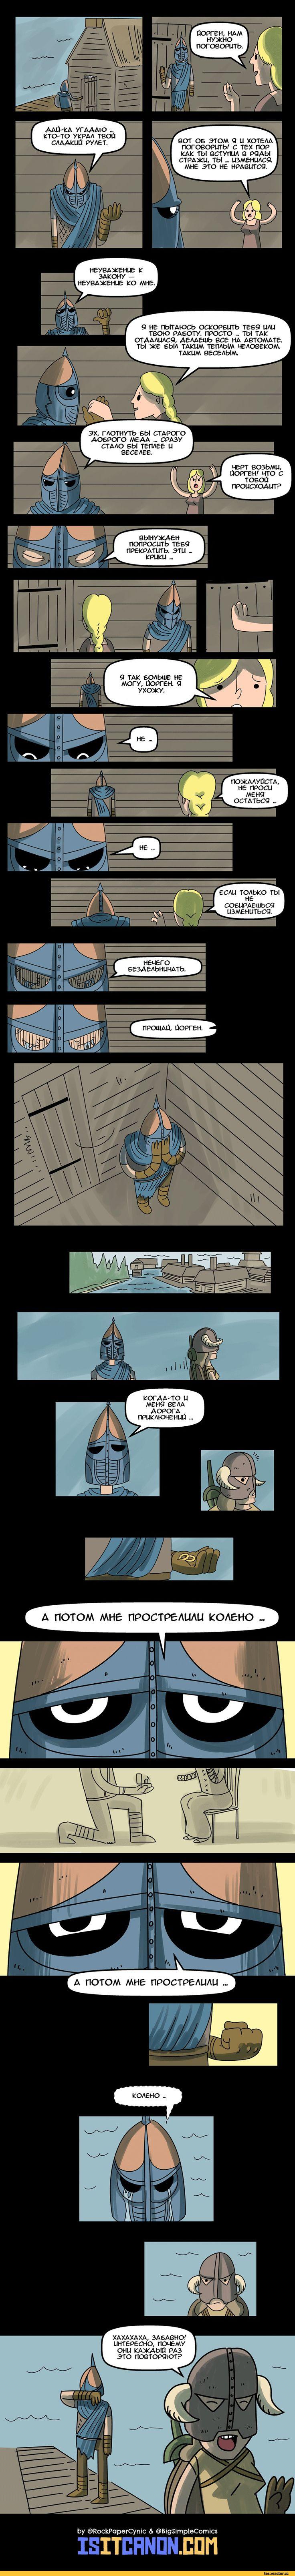 Skyrim,The Elder Scrolls,фэндомы,TES Персонажи,TES комиксы,Arrow to the knee,isitcanon,длиннопост,перевел сам,Смешные комиксы,веб-комиксы с юмором и их переводы